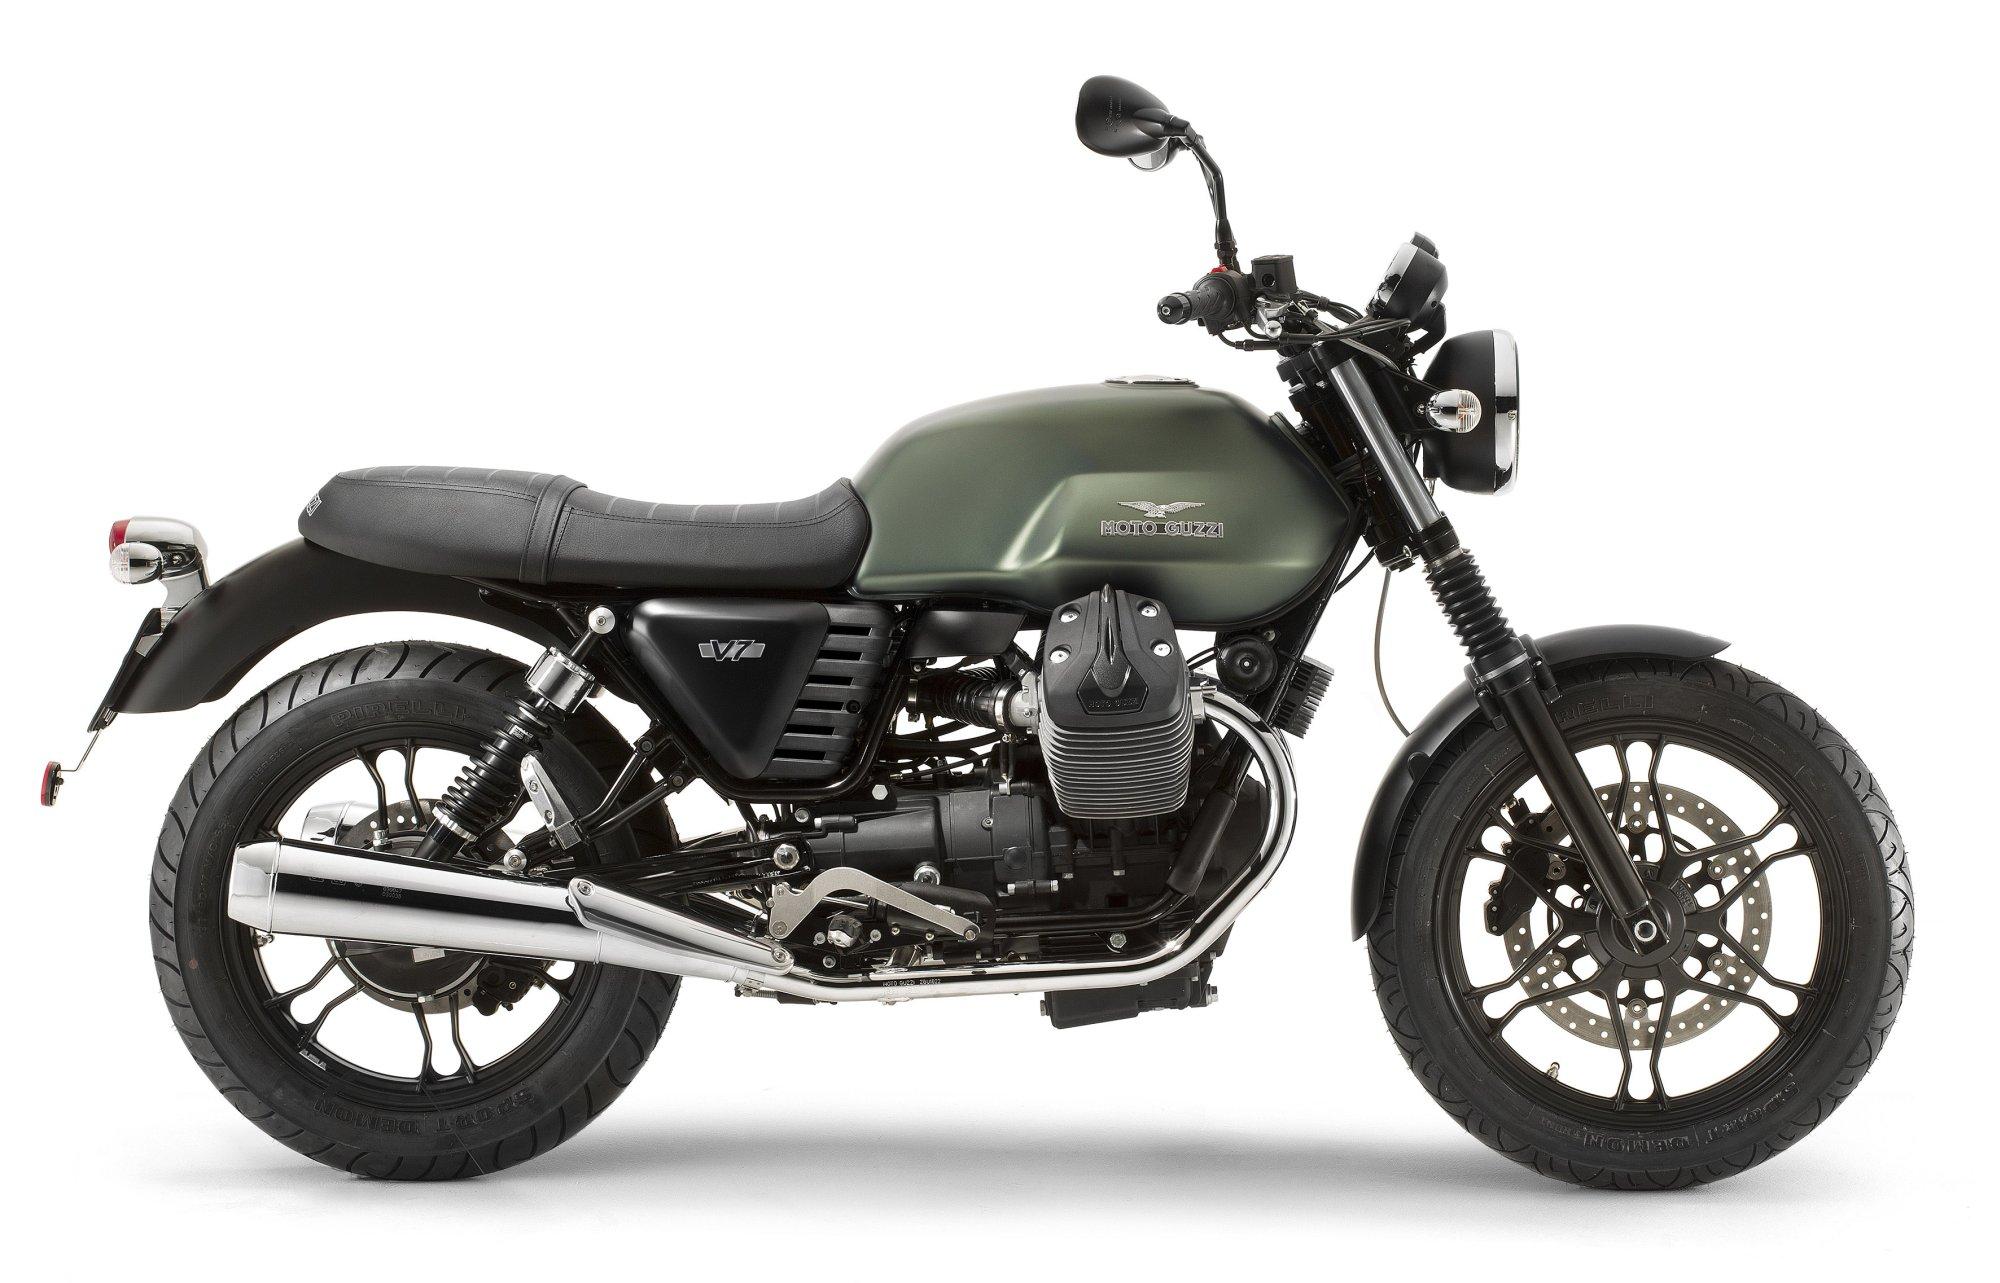 gebrauchte moto guzzi v7 750 motorr 228 der kaufen